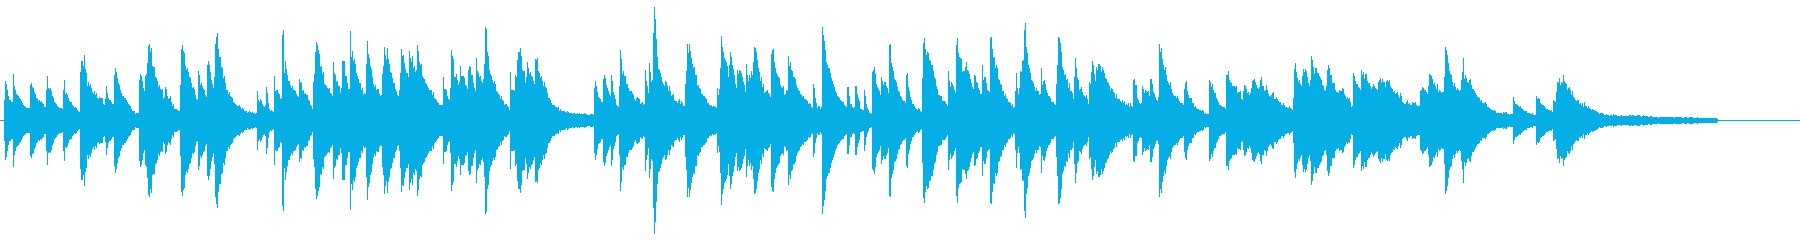 透明感のあるピアノ楽曲の再生済みの波形